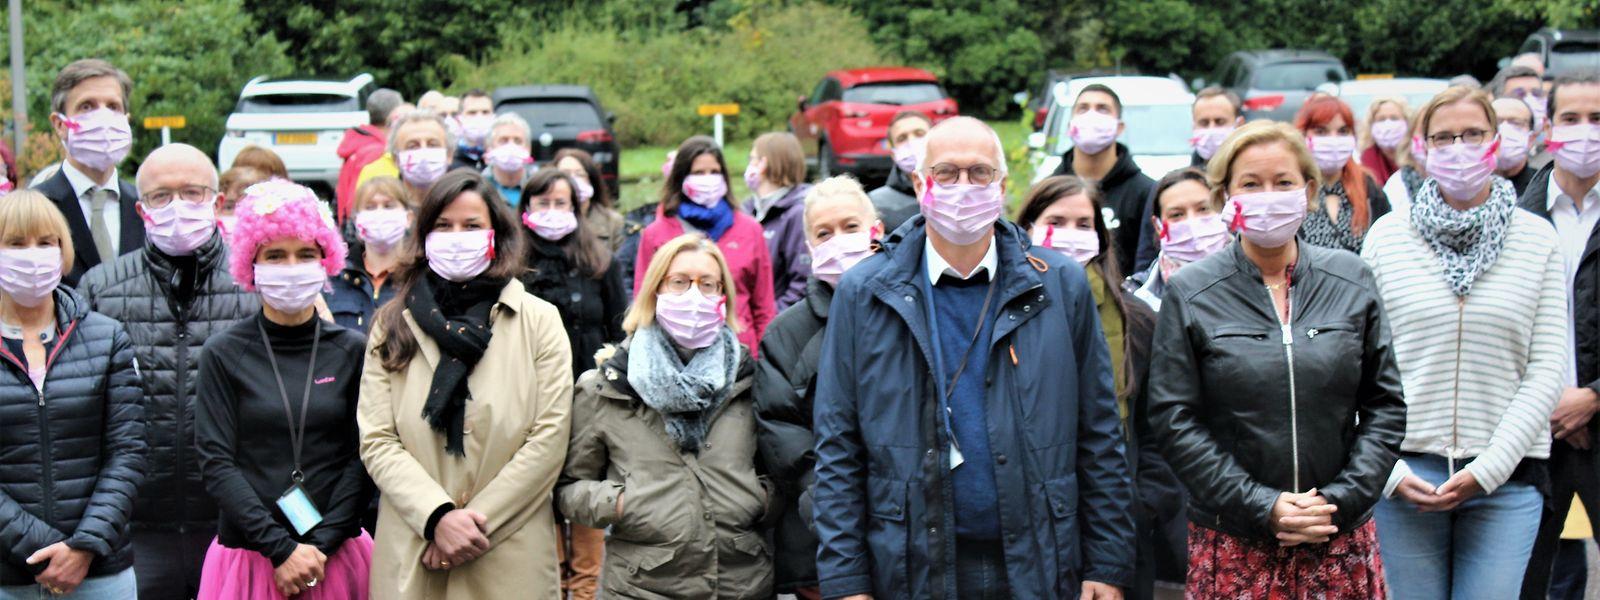 Tout au long du mois d'octobre, la Direction de la Santé distribue des masques roses à toutes les femmes ayant réalisé une mammographie via le programme de prévention.